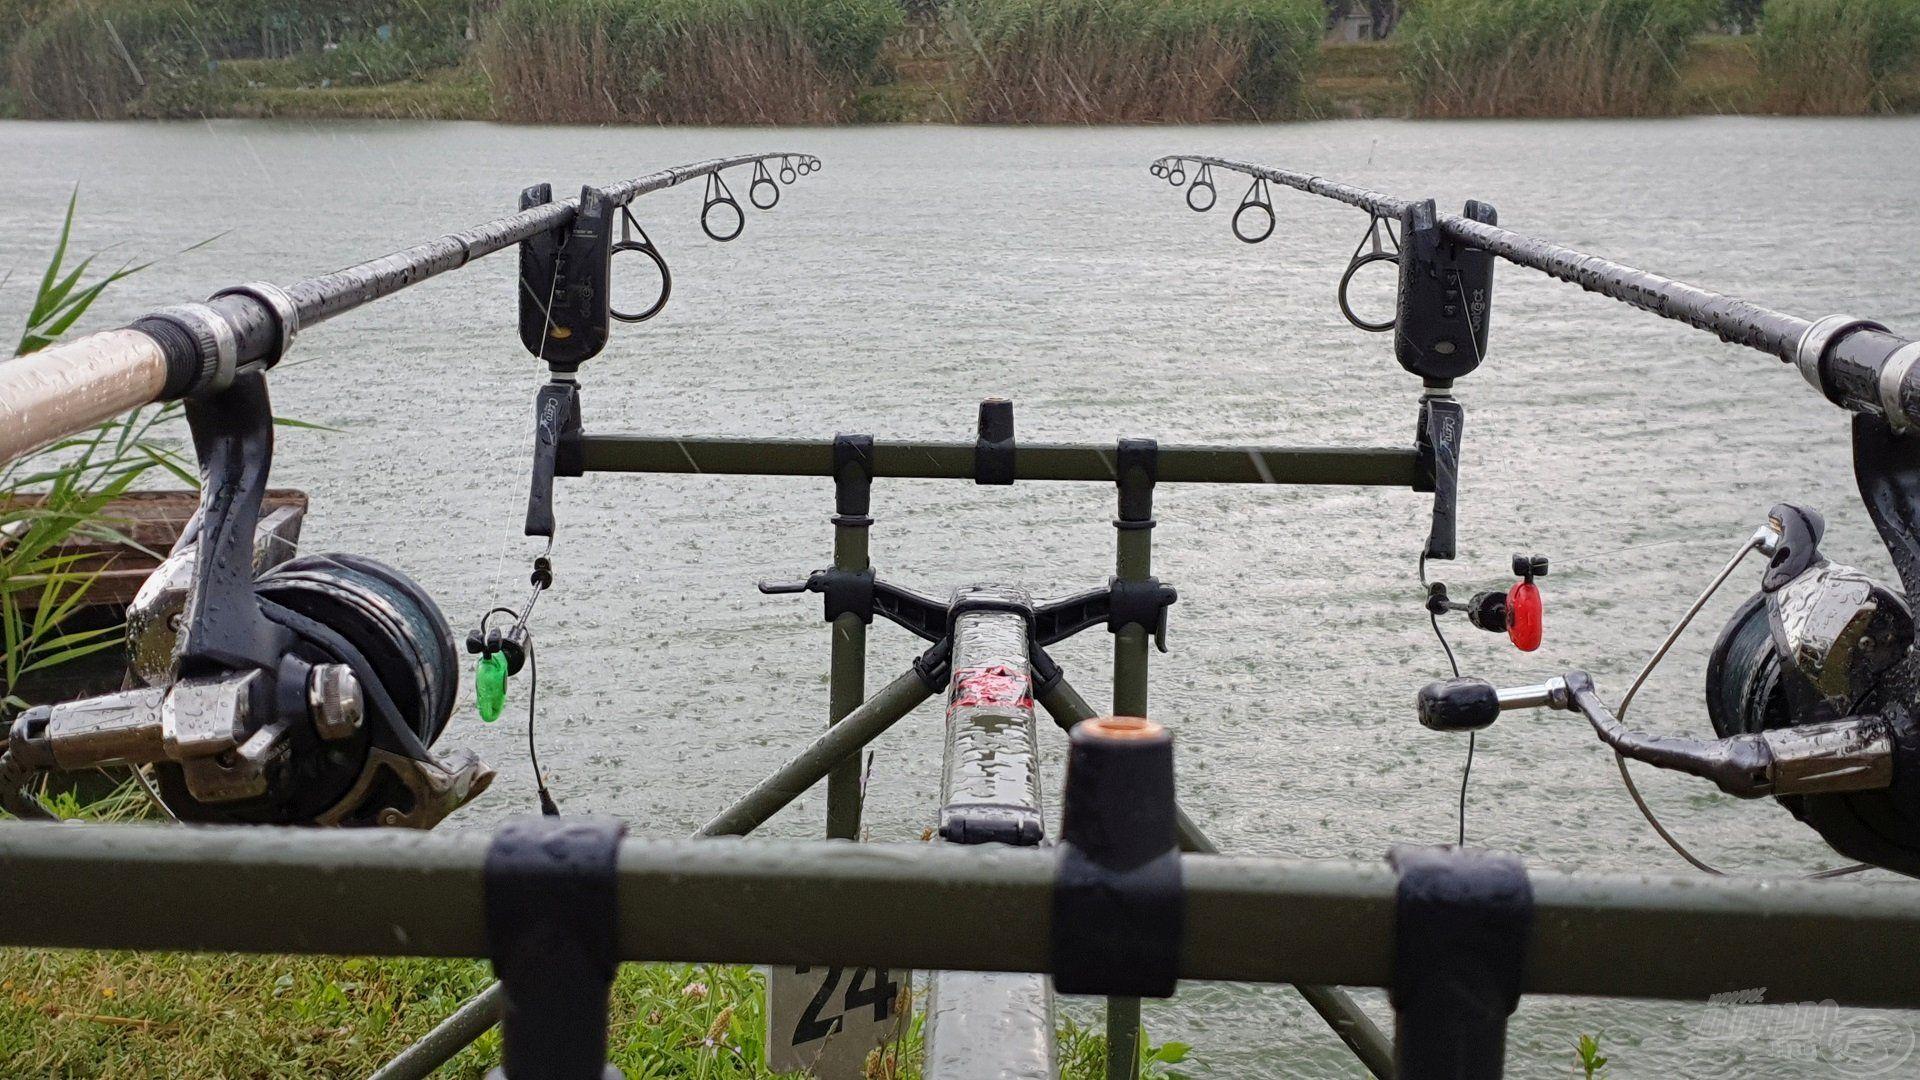 Az évszakhoz képest hűvös, változékony időjárás és az időnként szakadó eső sem tántorított el minket a horgászattól